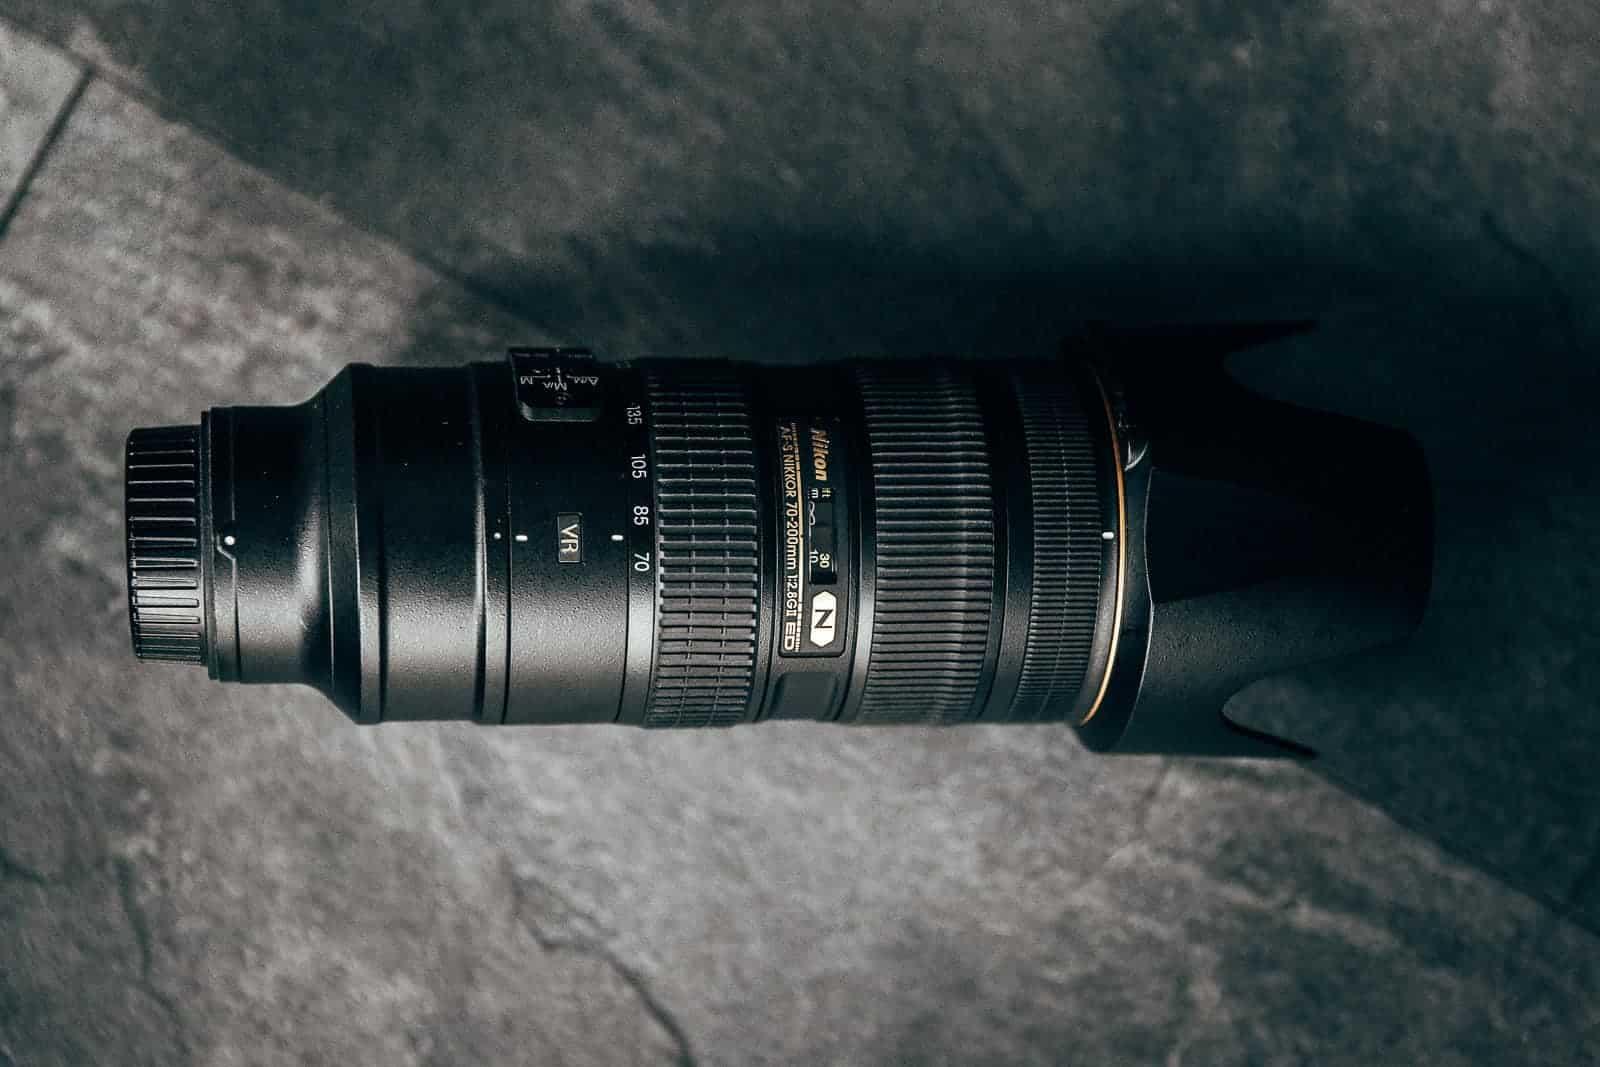 0016_Nikon-AF-S-70-200mm-f28-VR-II_Gear_70-200_VR2_Equipment_F2.8_Nikon_kameraequipment_talk_hochzeitsfotograf